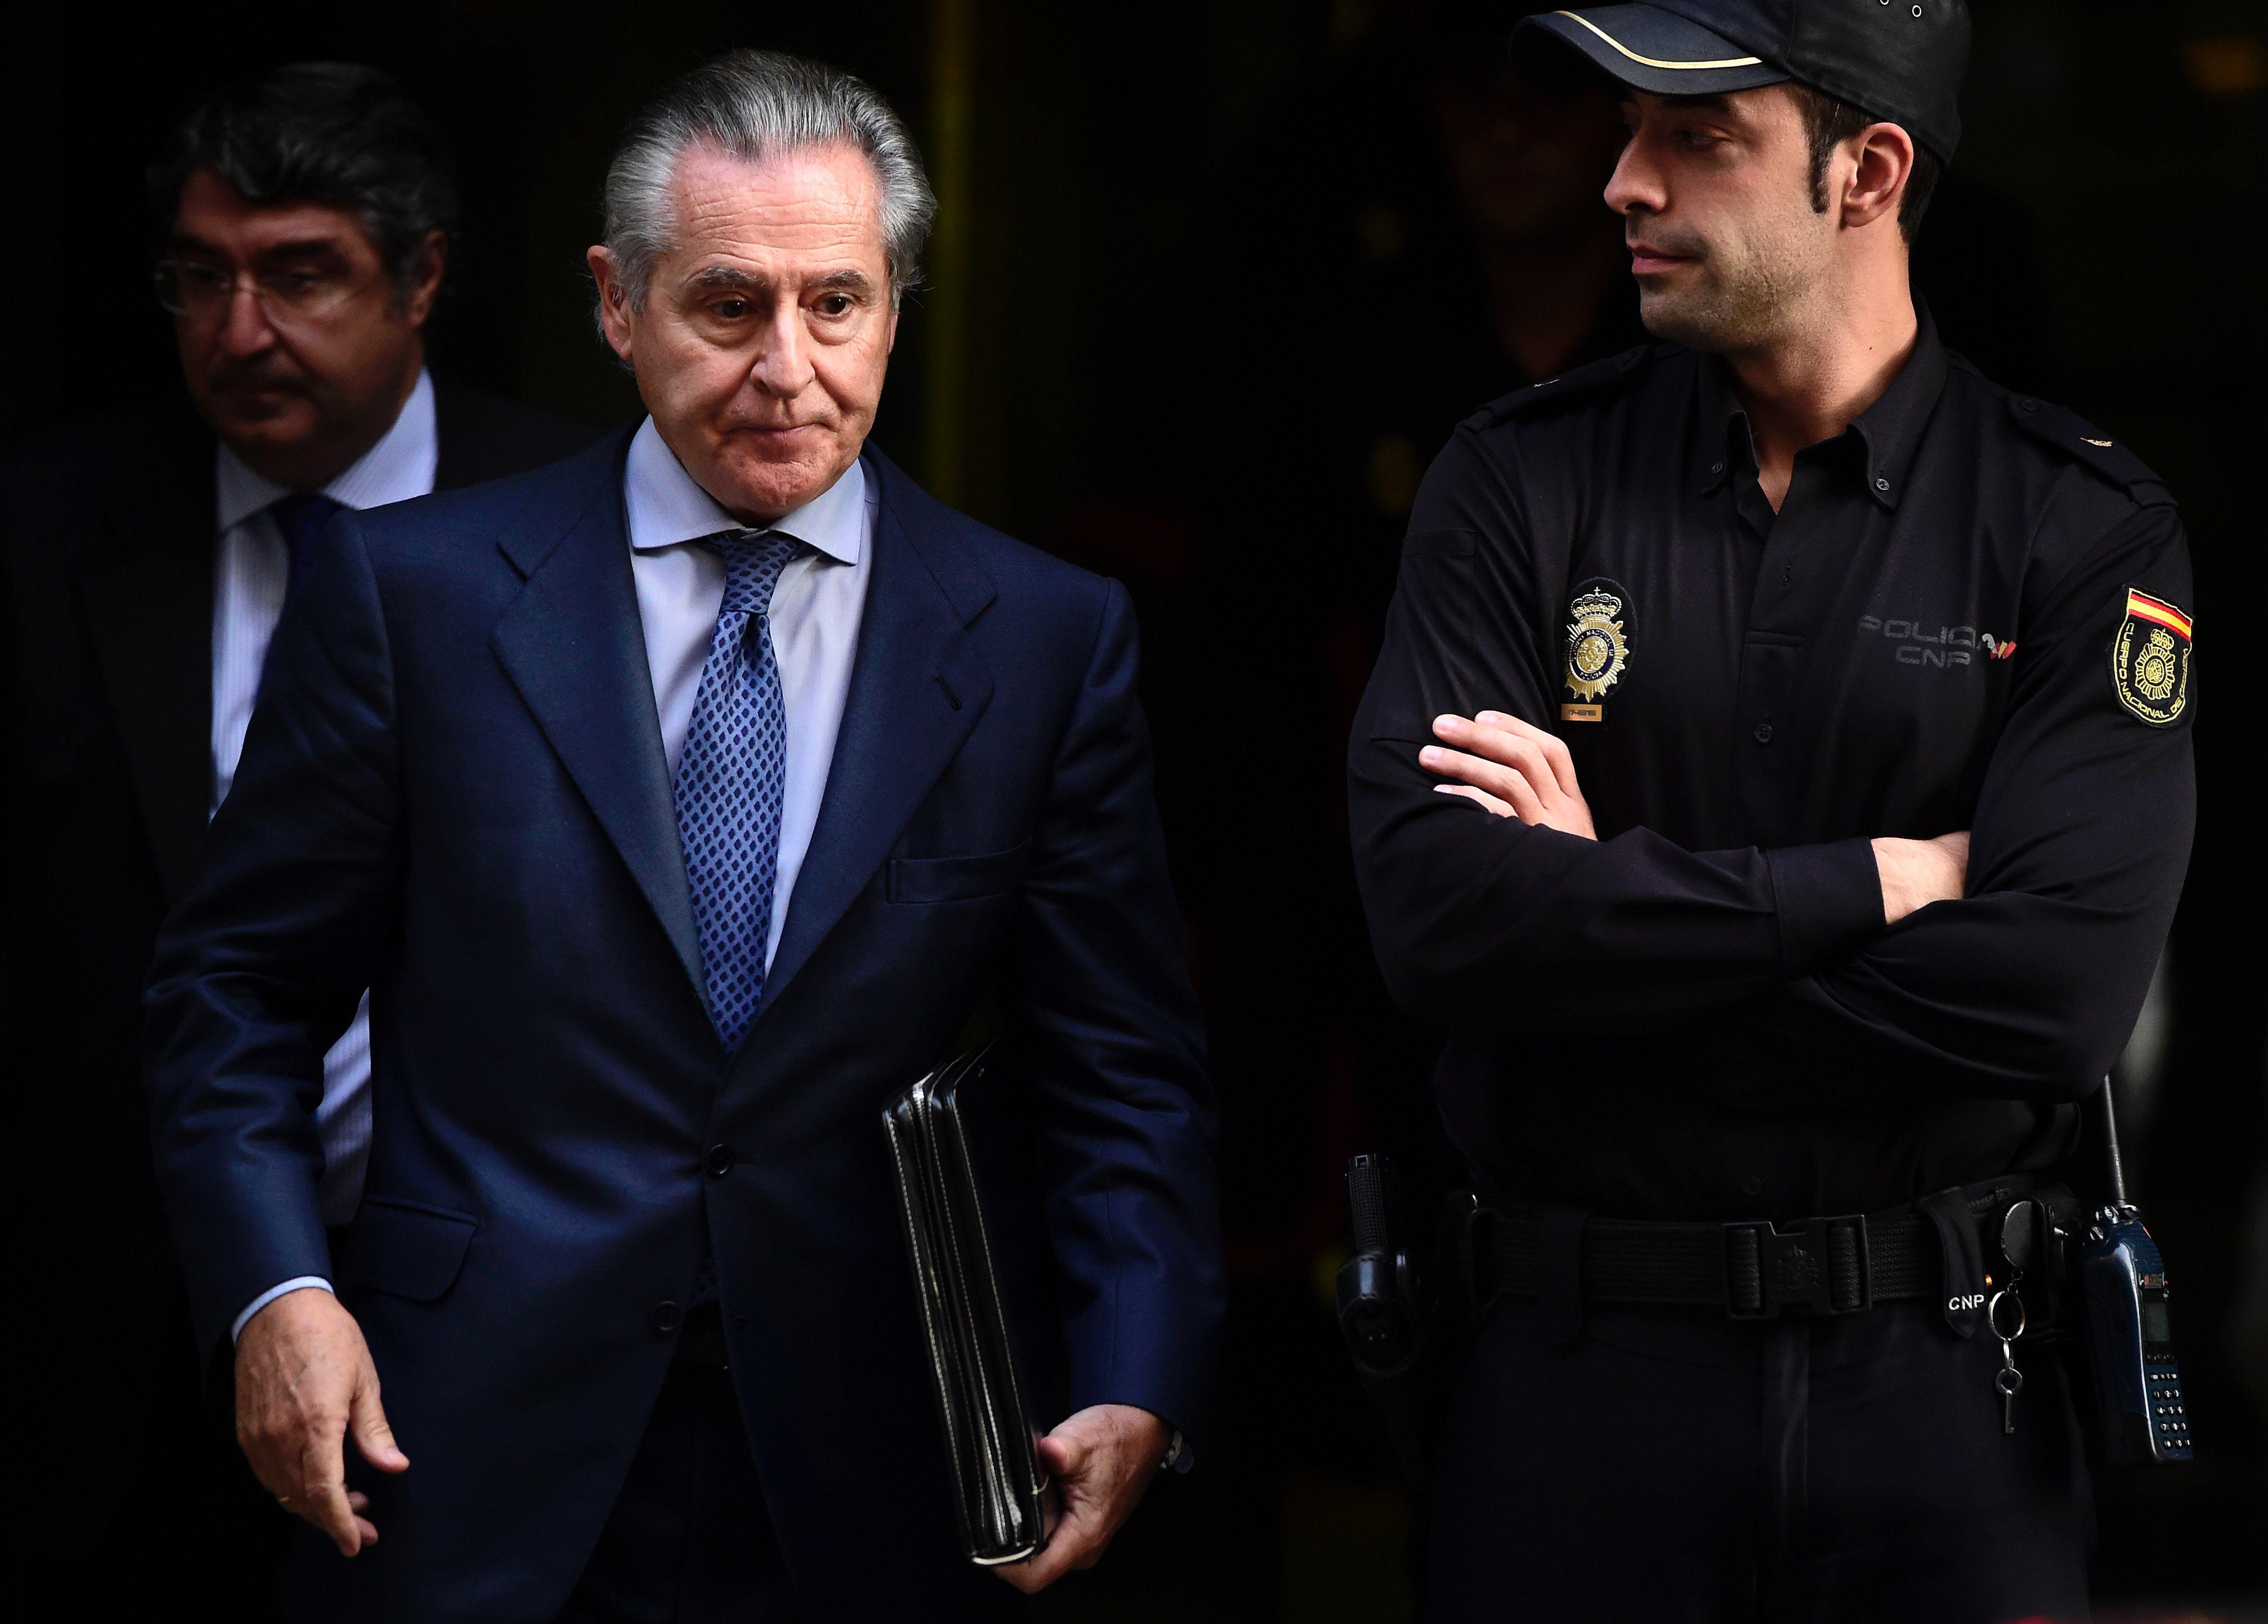 Acusado de corrupção, ex-presidente de banco espanhol é achado morto